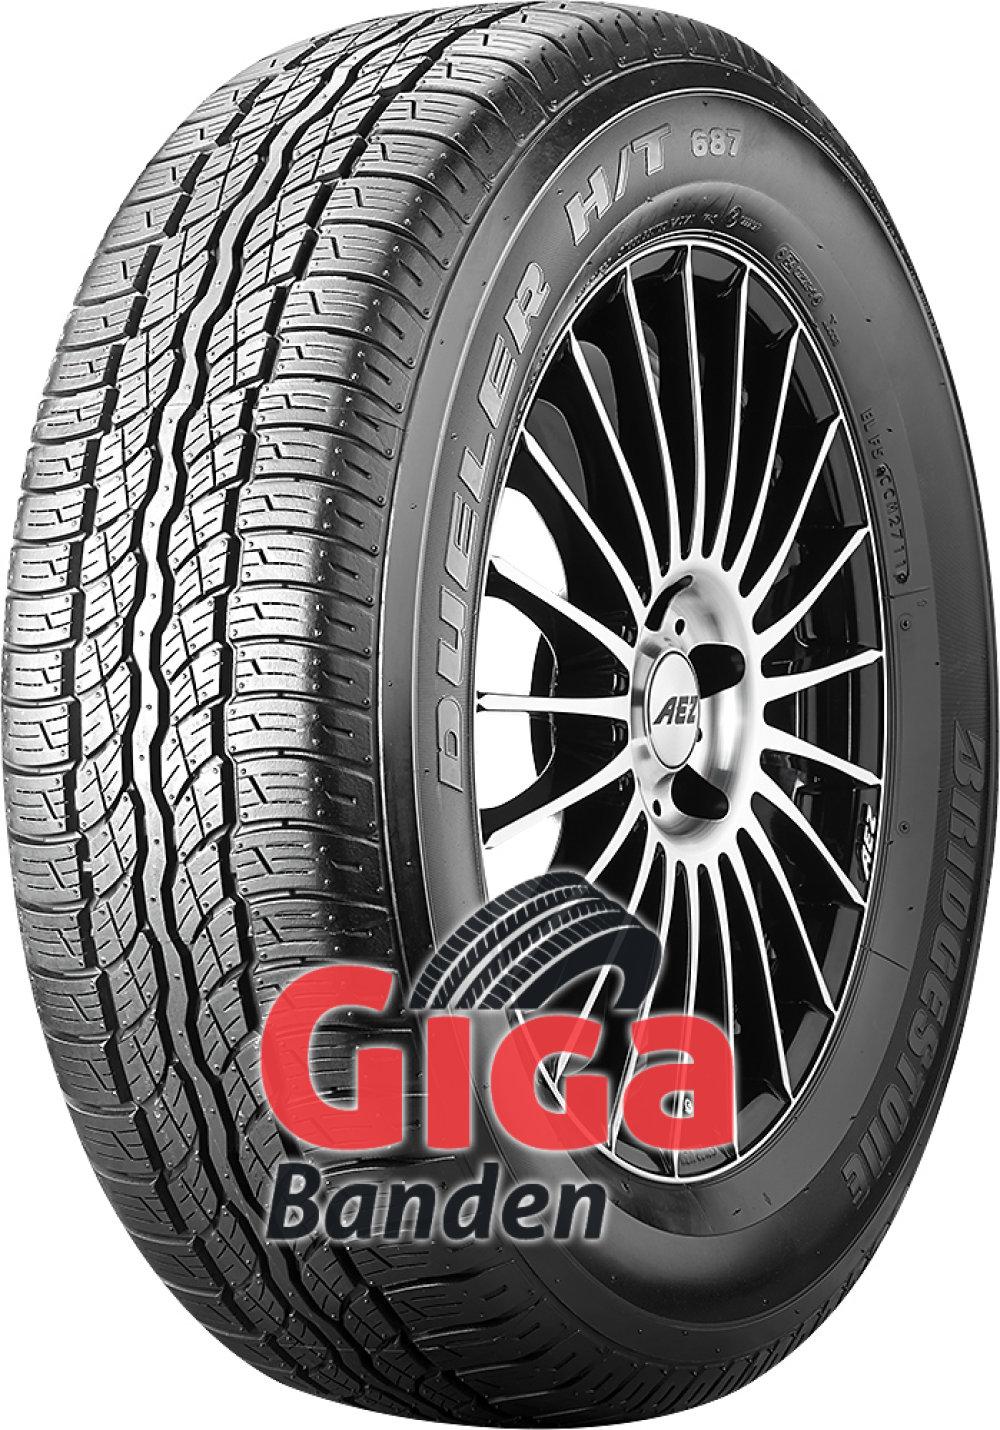 Bridgestone Dueler H/T 687 ( 225/70 R16 103T )